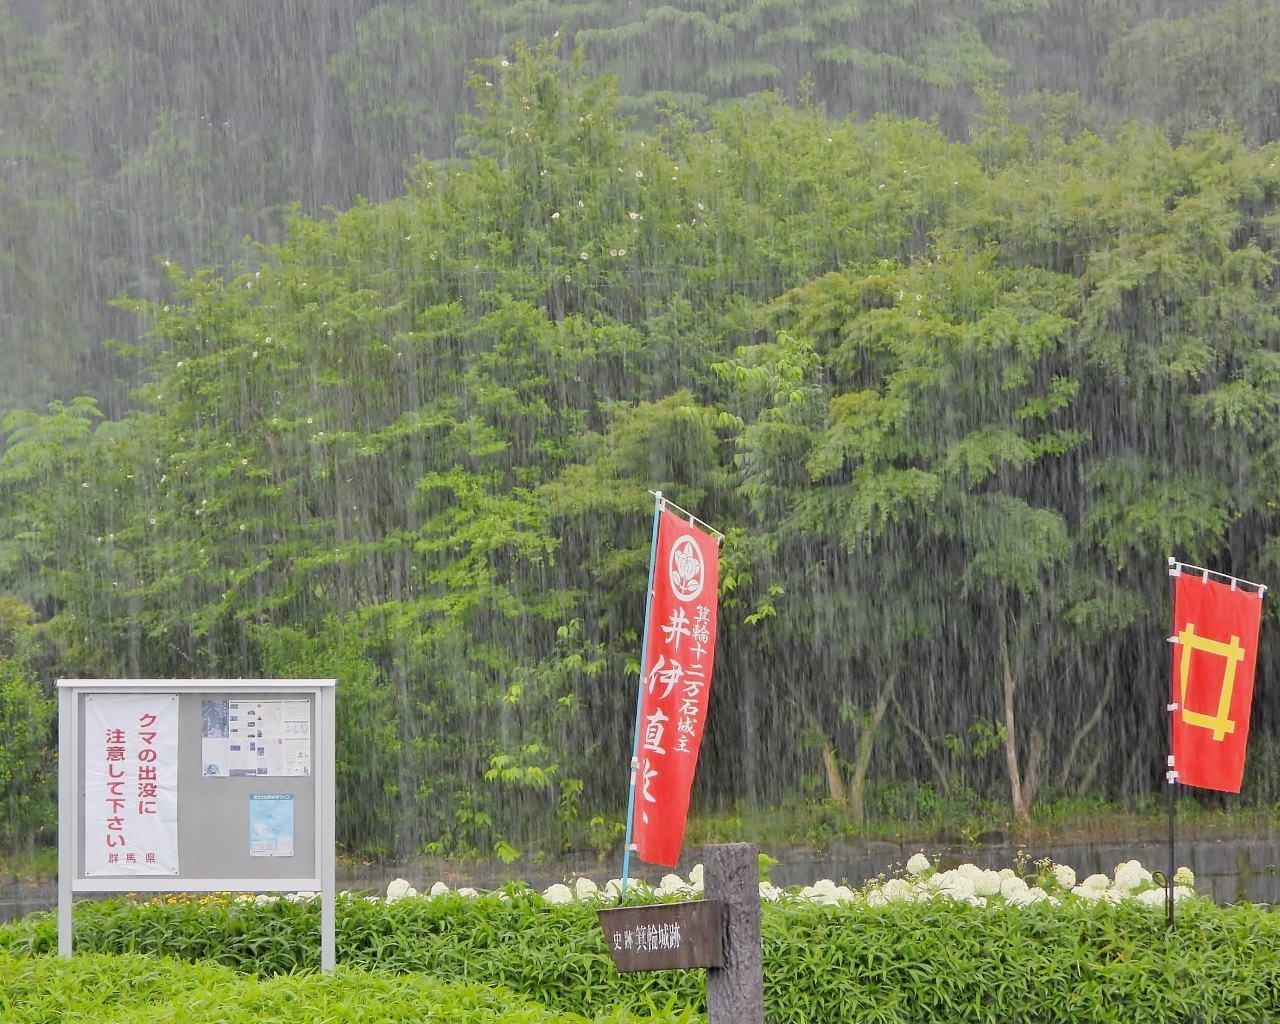 箕輪城跡で 通り雨と雨上がり_c0305565_17274420.jpg